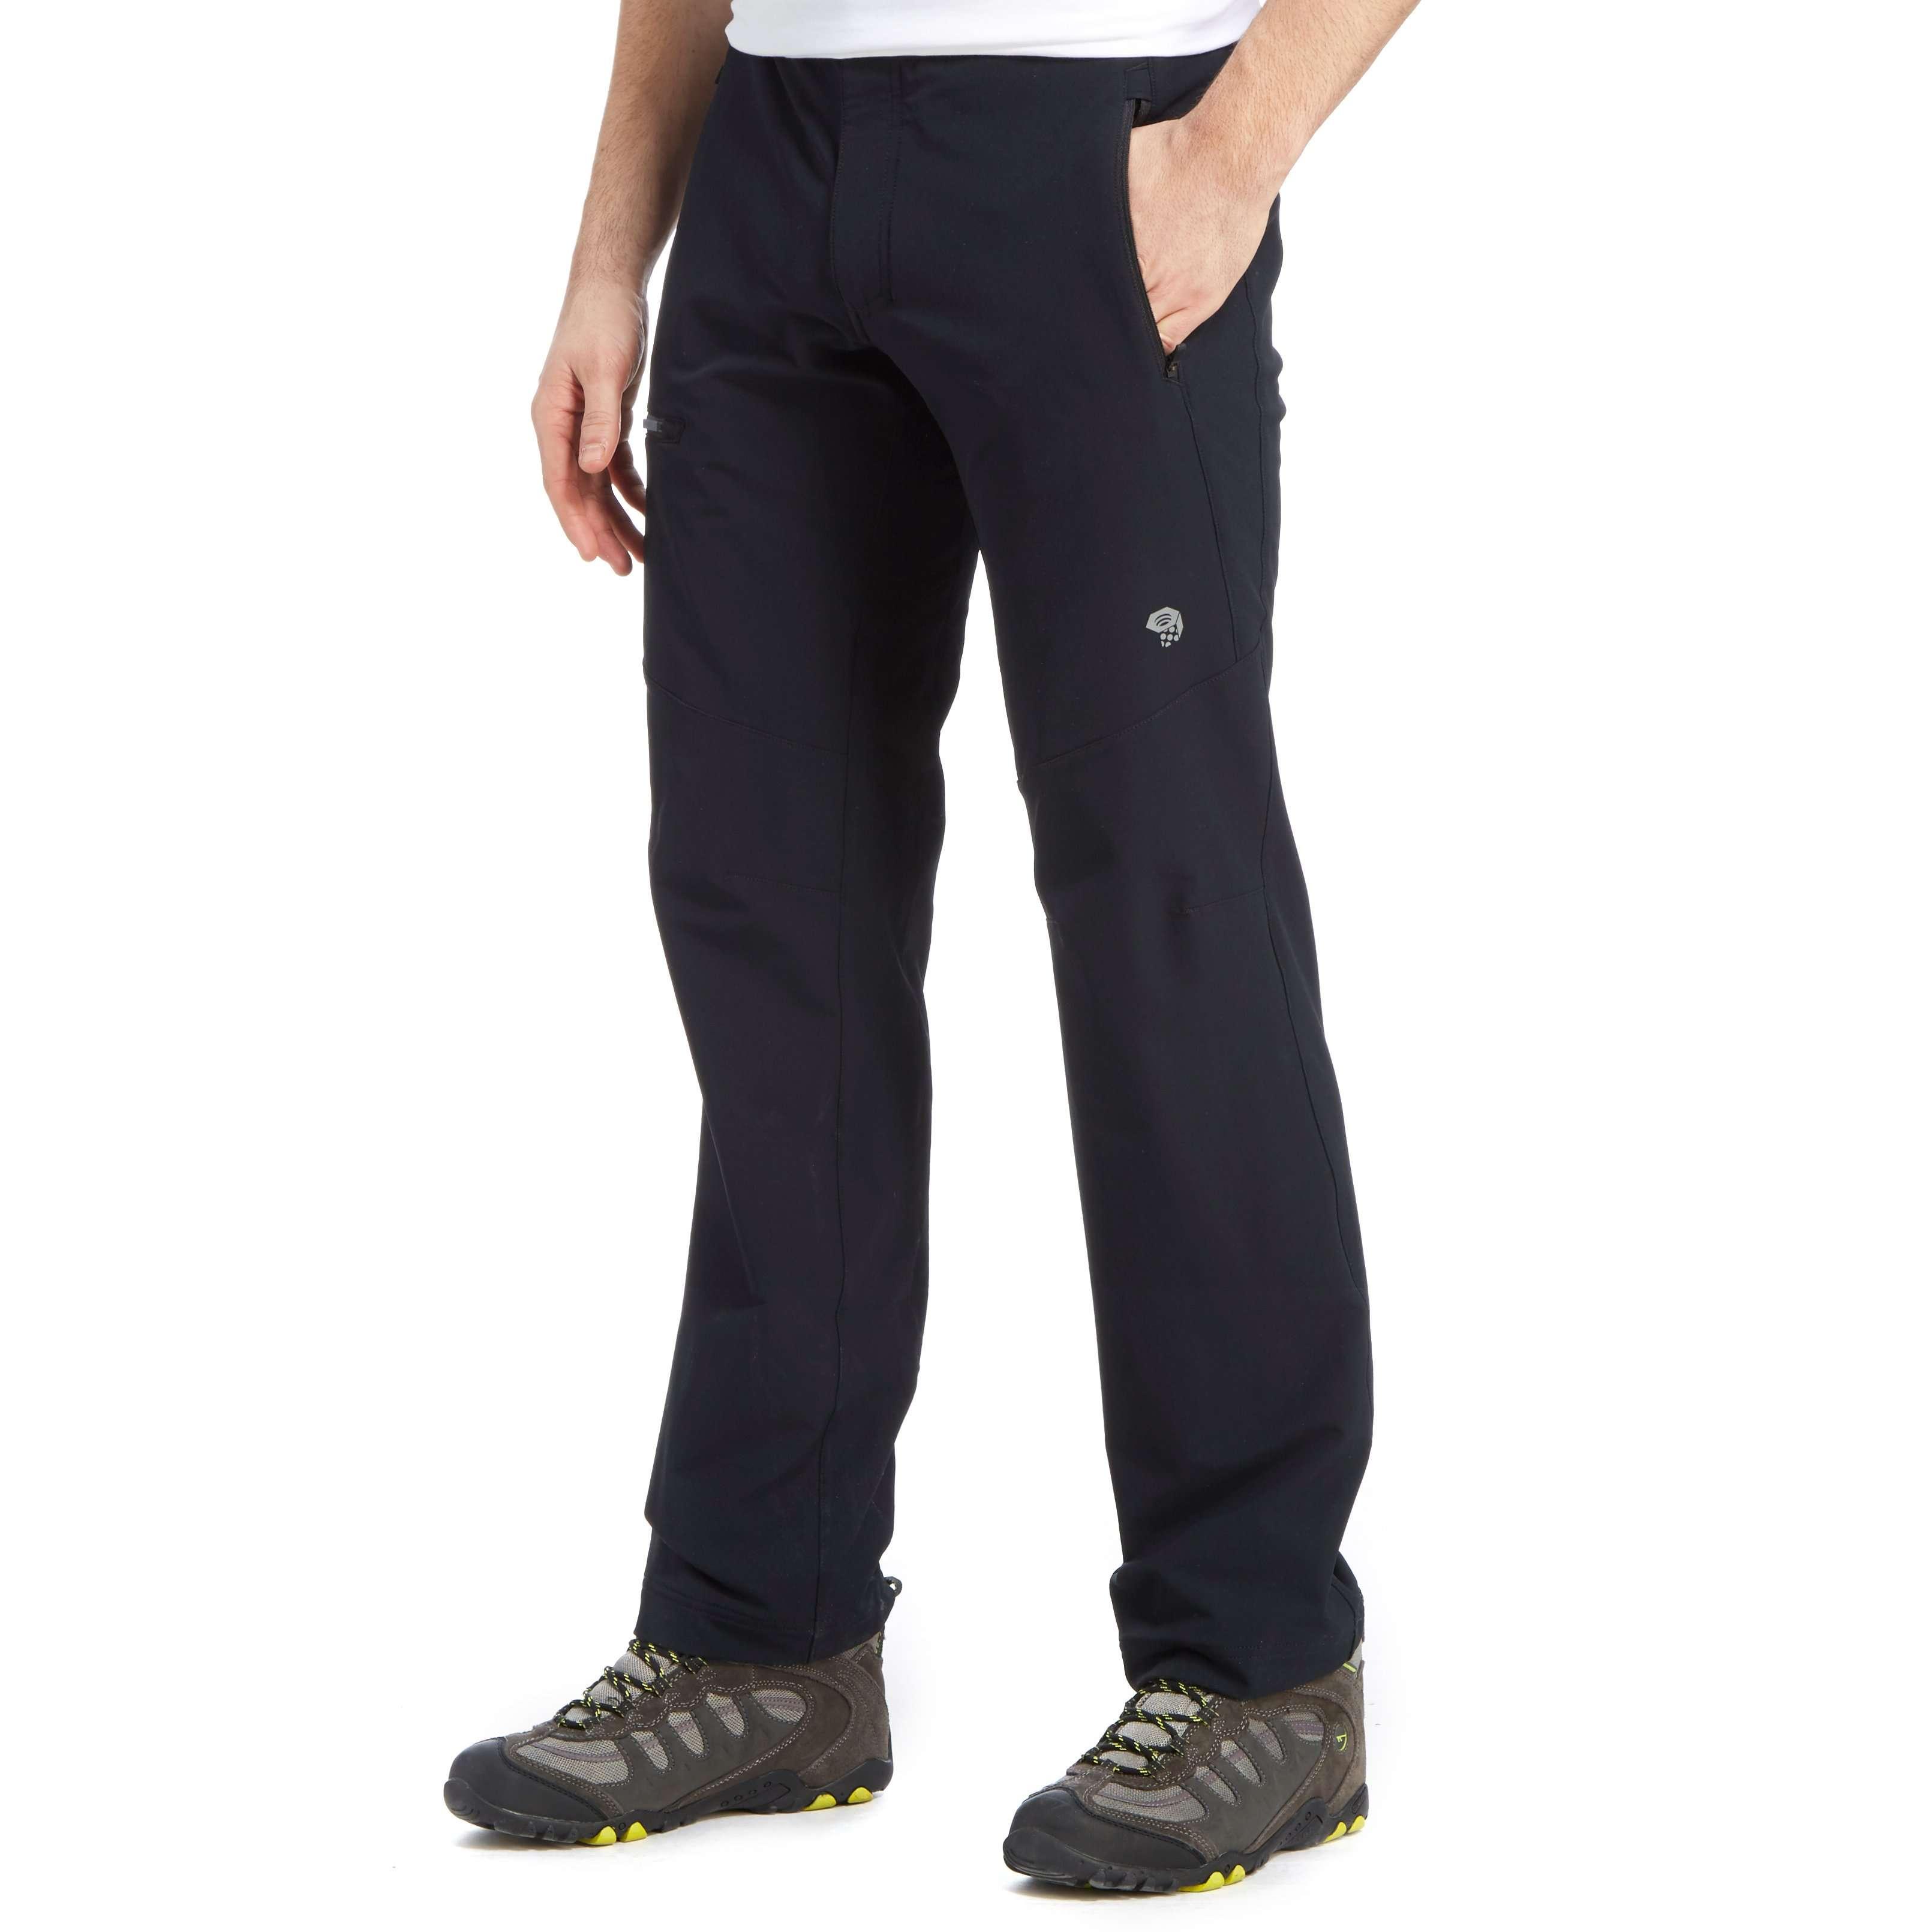 MOUNTAIN HARDWEAR Men's Chockstone Mid-Weight Active Pants